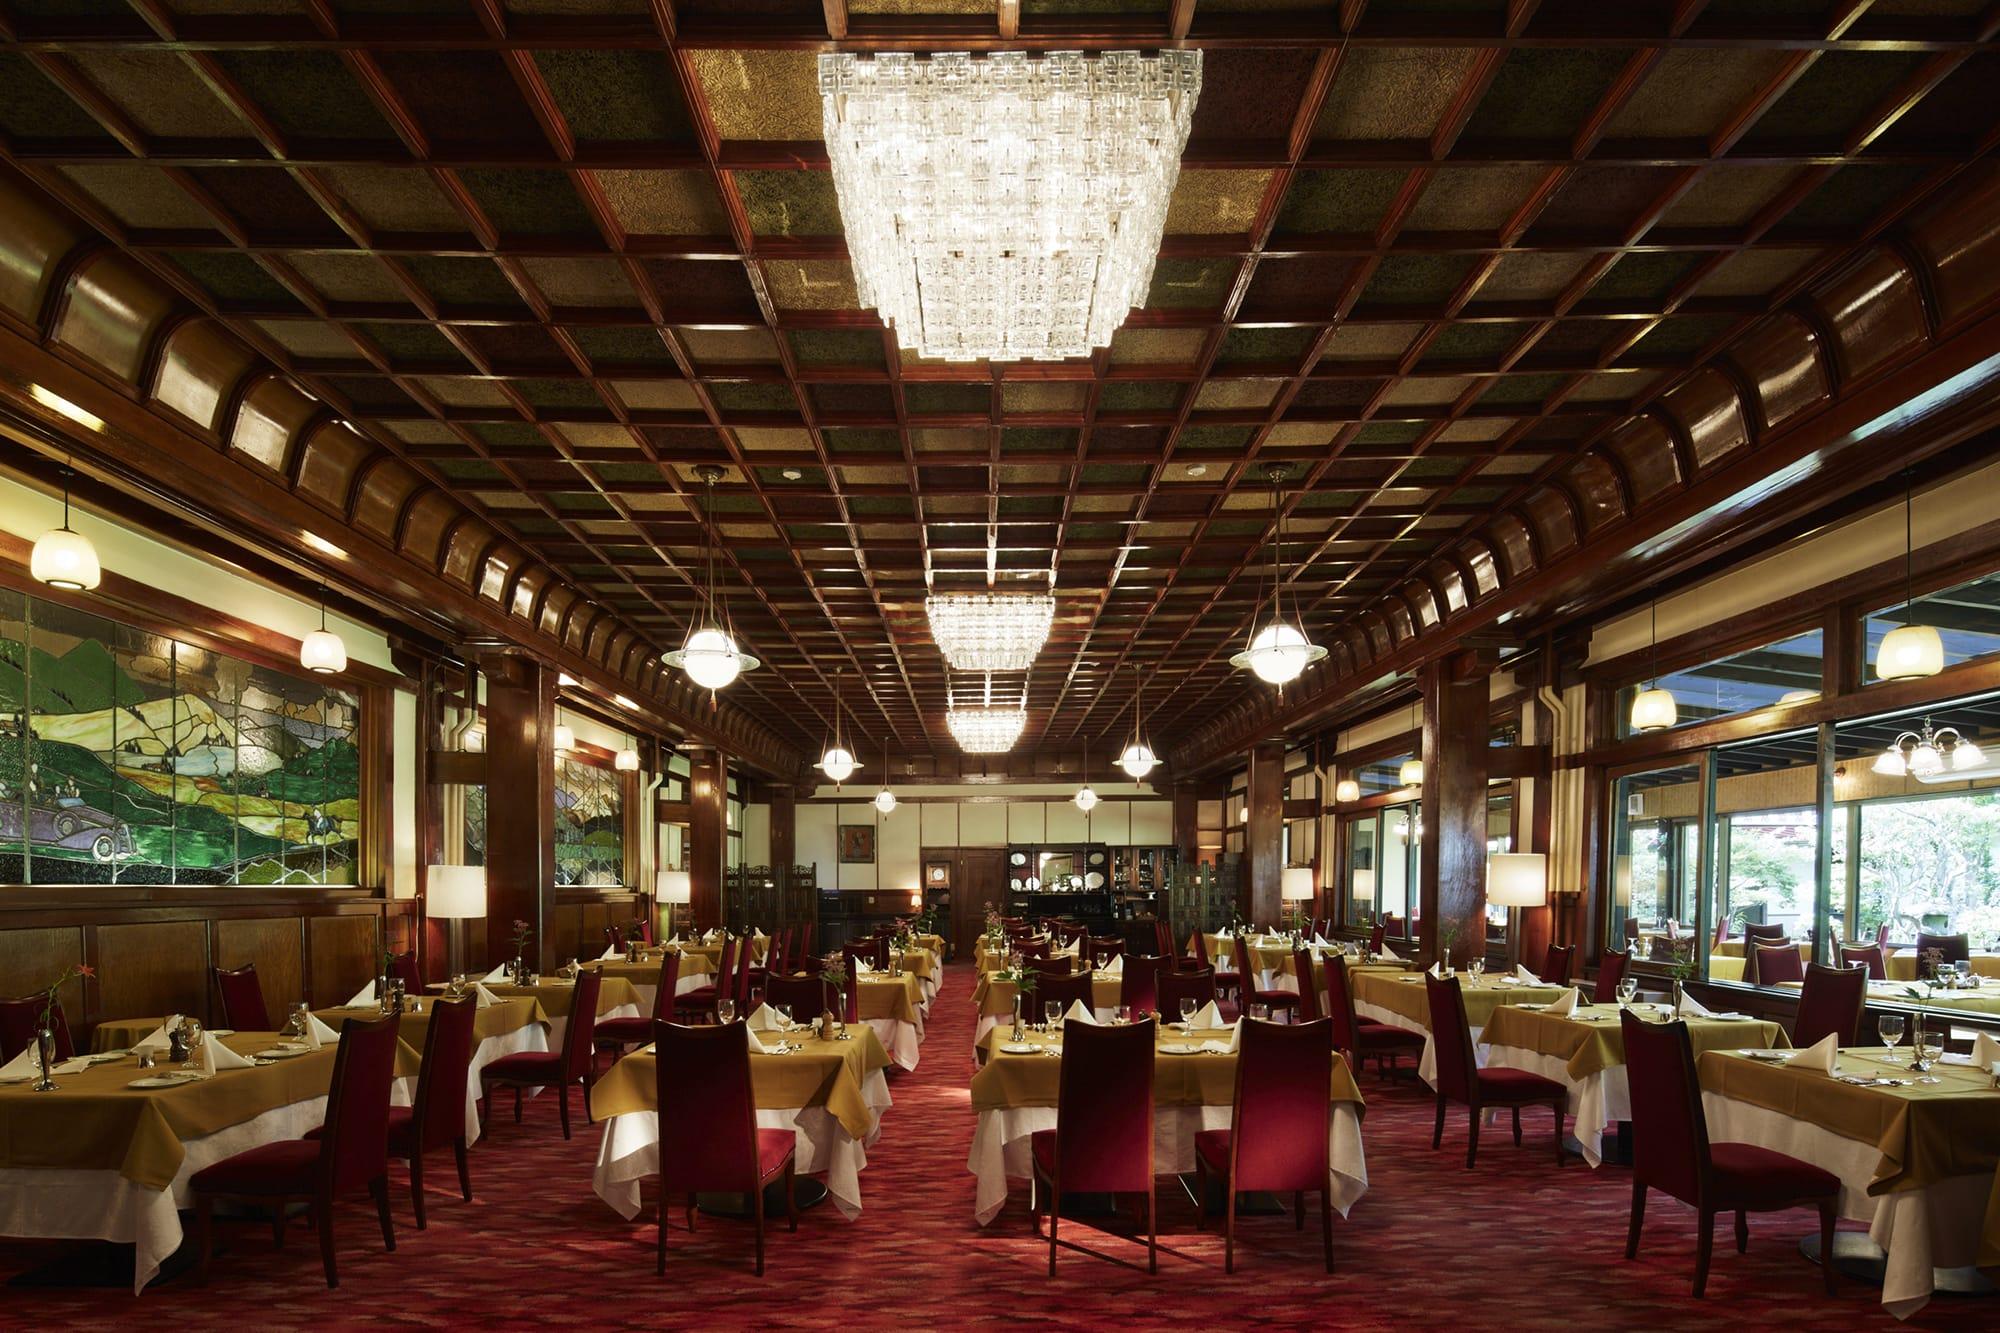 軽井沢のカラ松林に囲まれた万平ホテル。クラシカルな重厚さを漂わせる欧米風建築と調度品がゲストを迎え入れる。